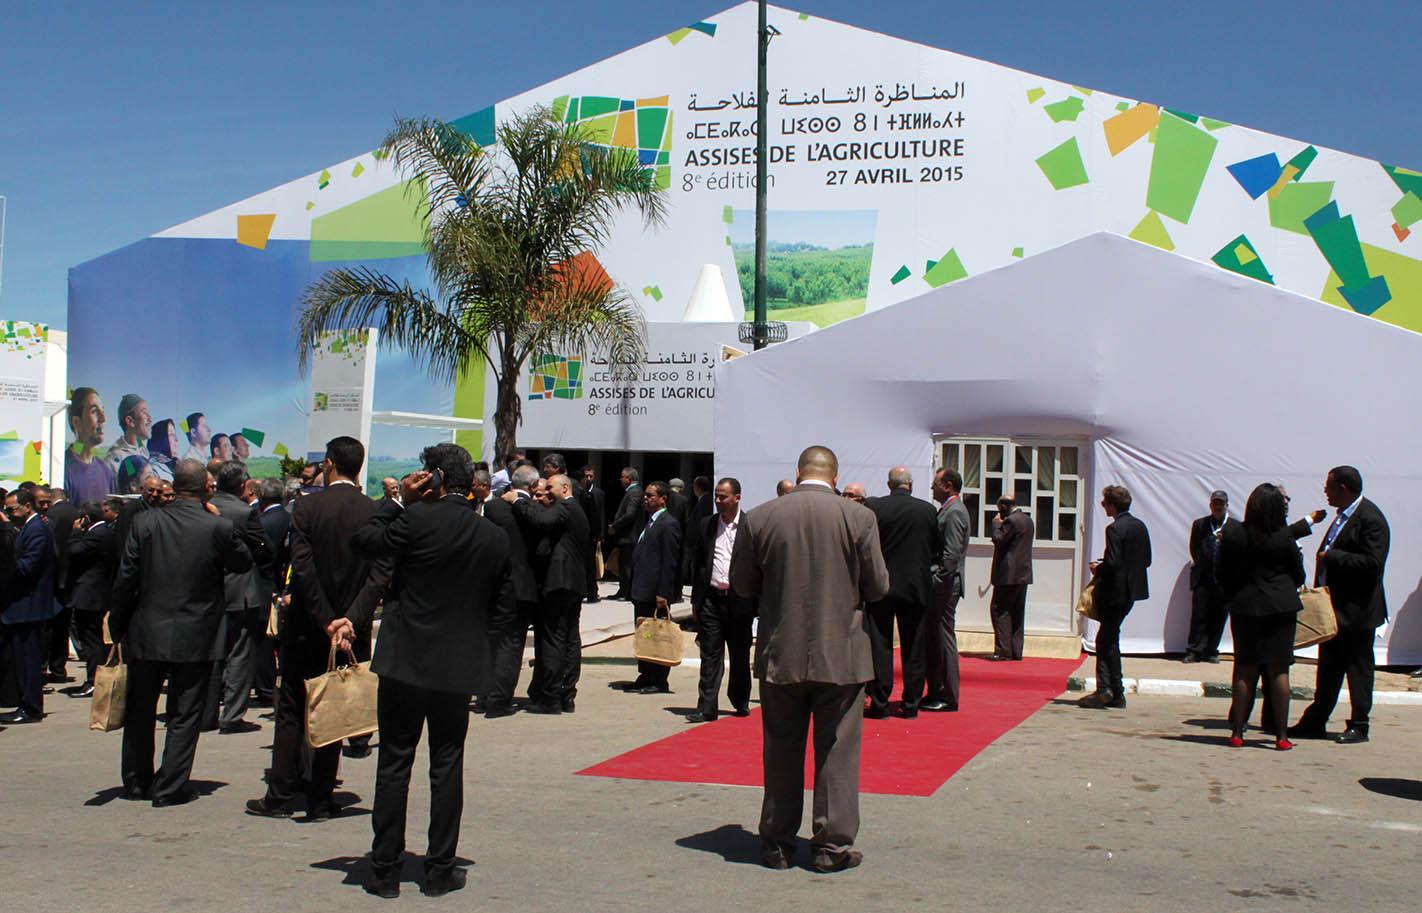 افتتاح أشغال الدورة الثامنة للمناظرة الوطنية للفلاحة بمكناس